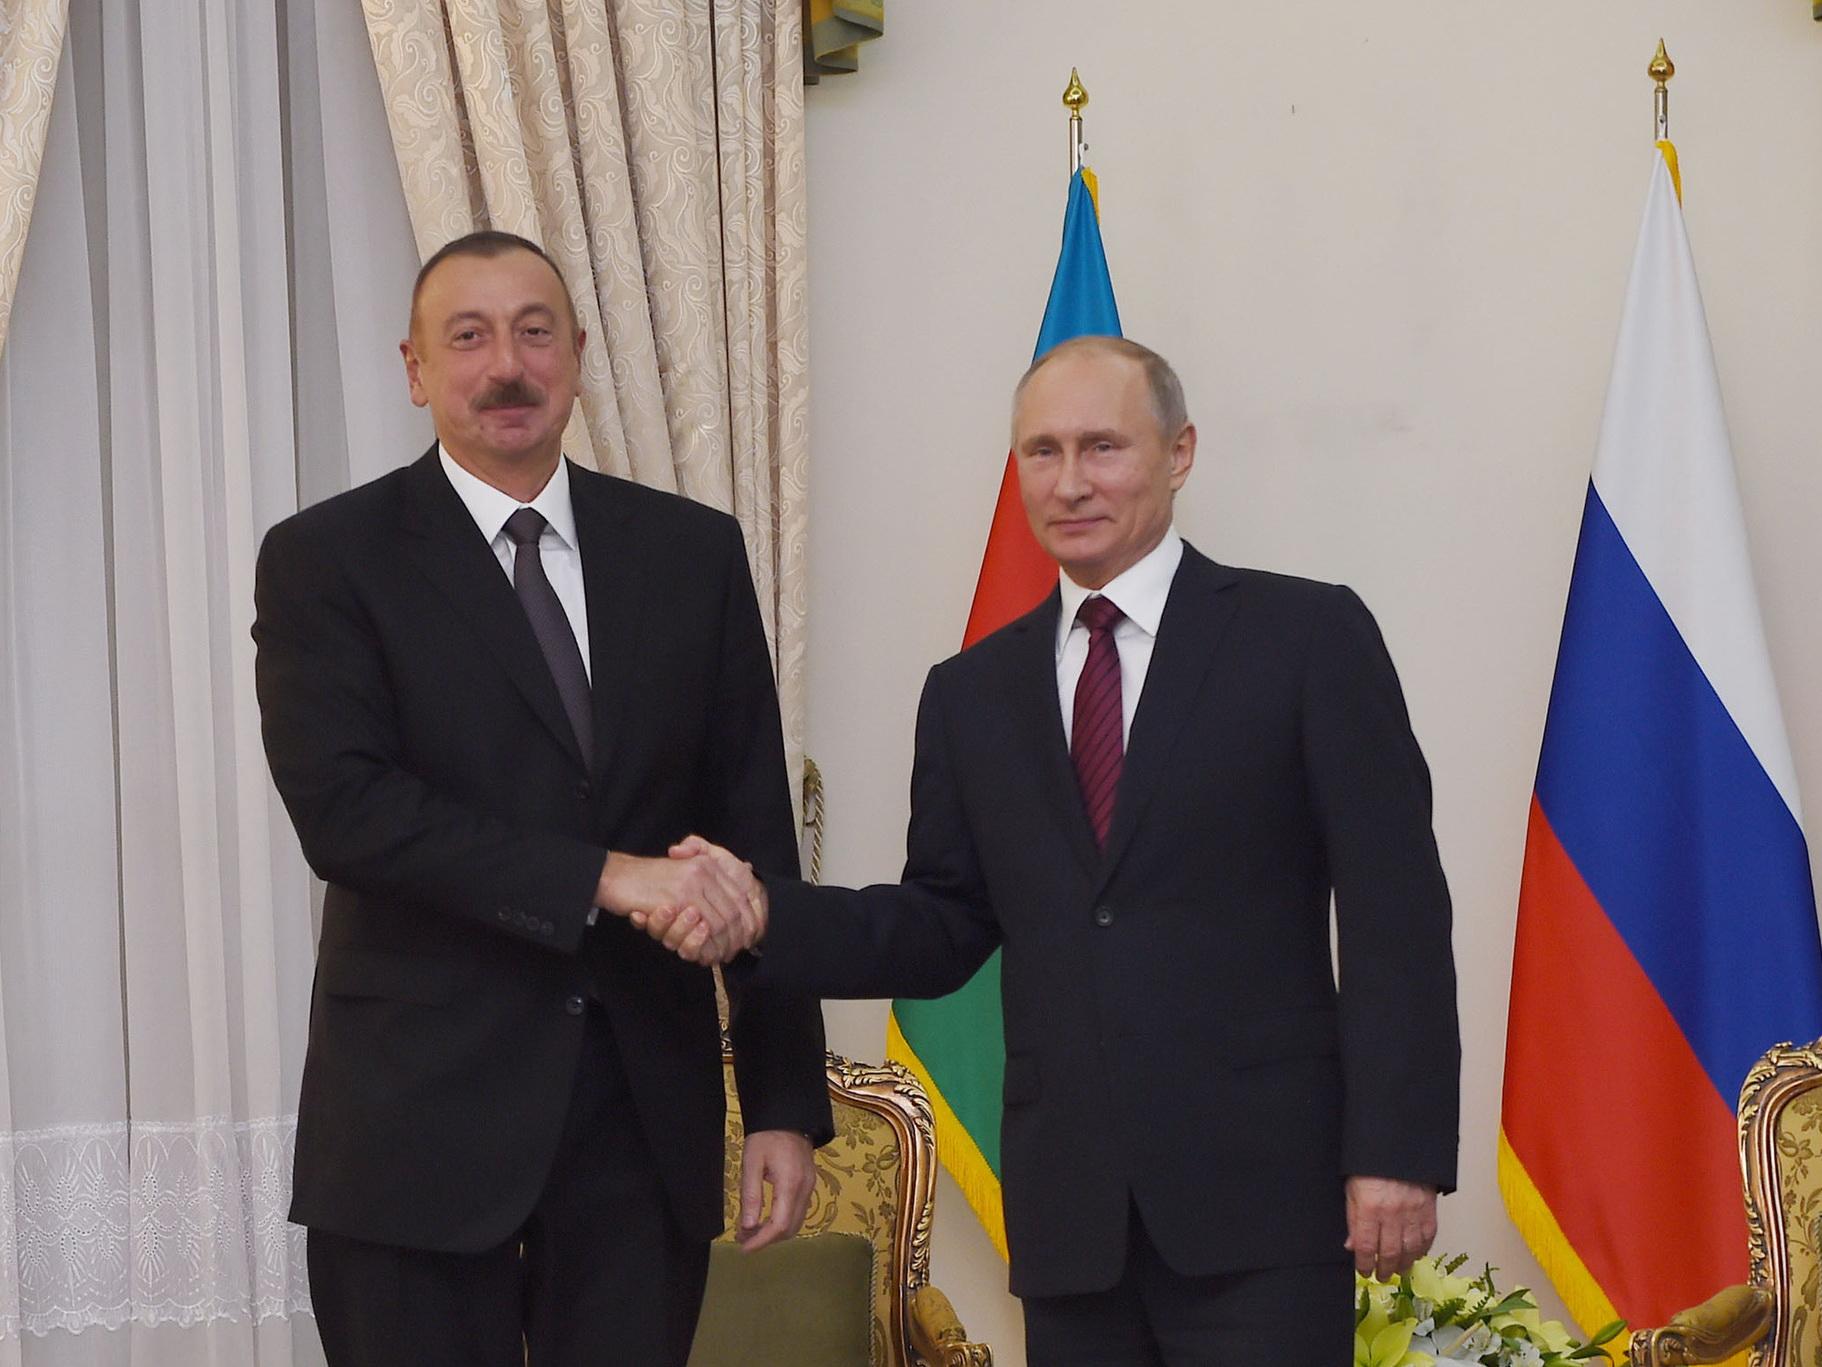 Поздравление президента азербайджана с новым годом